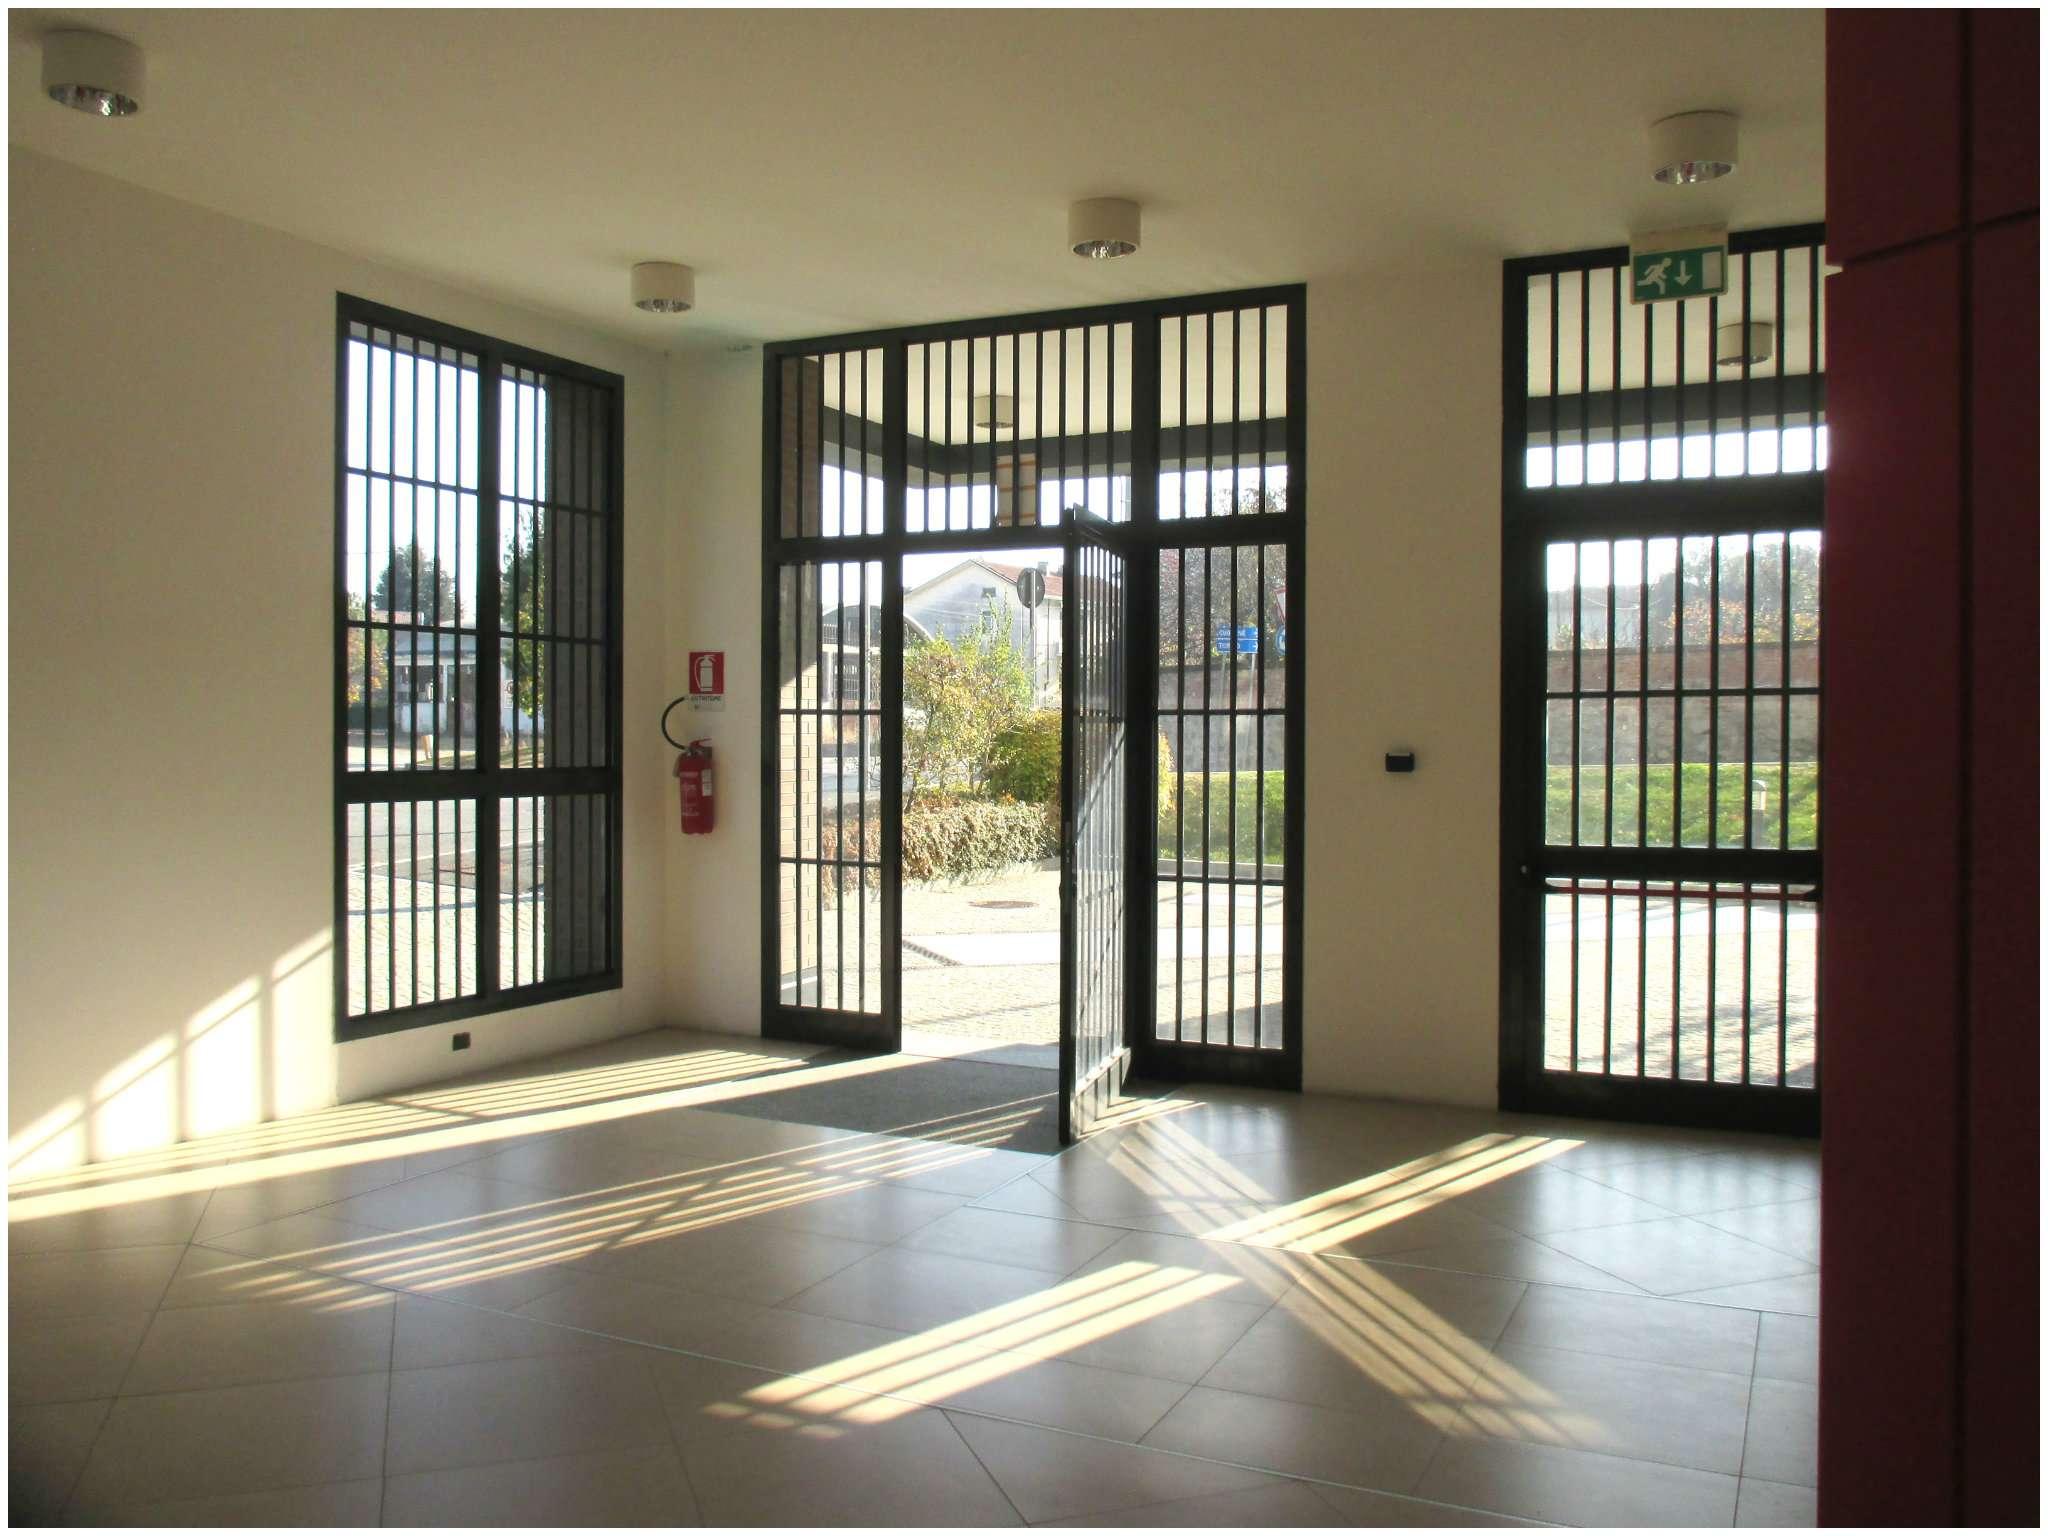 Immagine immobiliare ufficio in palazzina direzionale OfficeCenter A Rivarolo Canavese, Via Vallero (zona centrale) nella nuova palazzina direzionale denominata